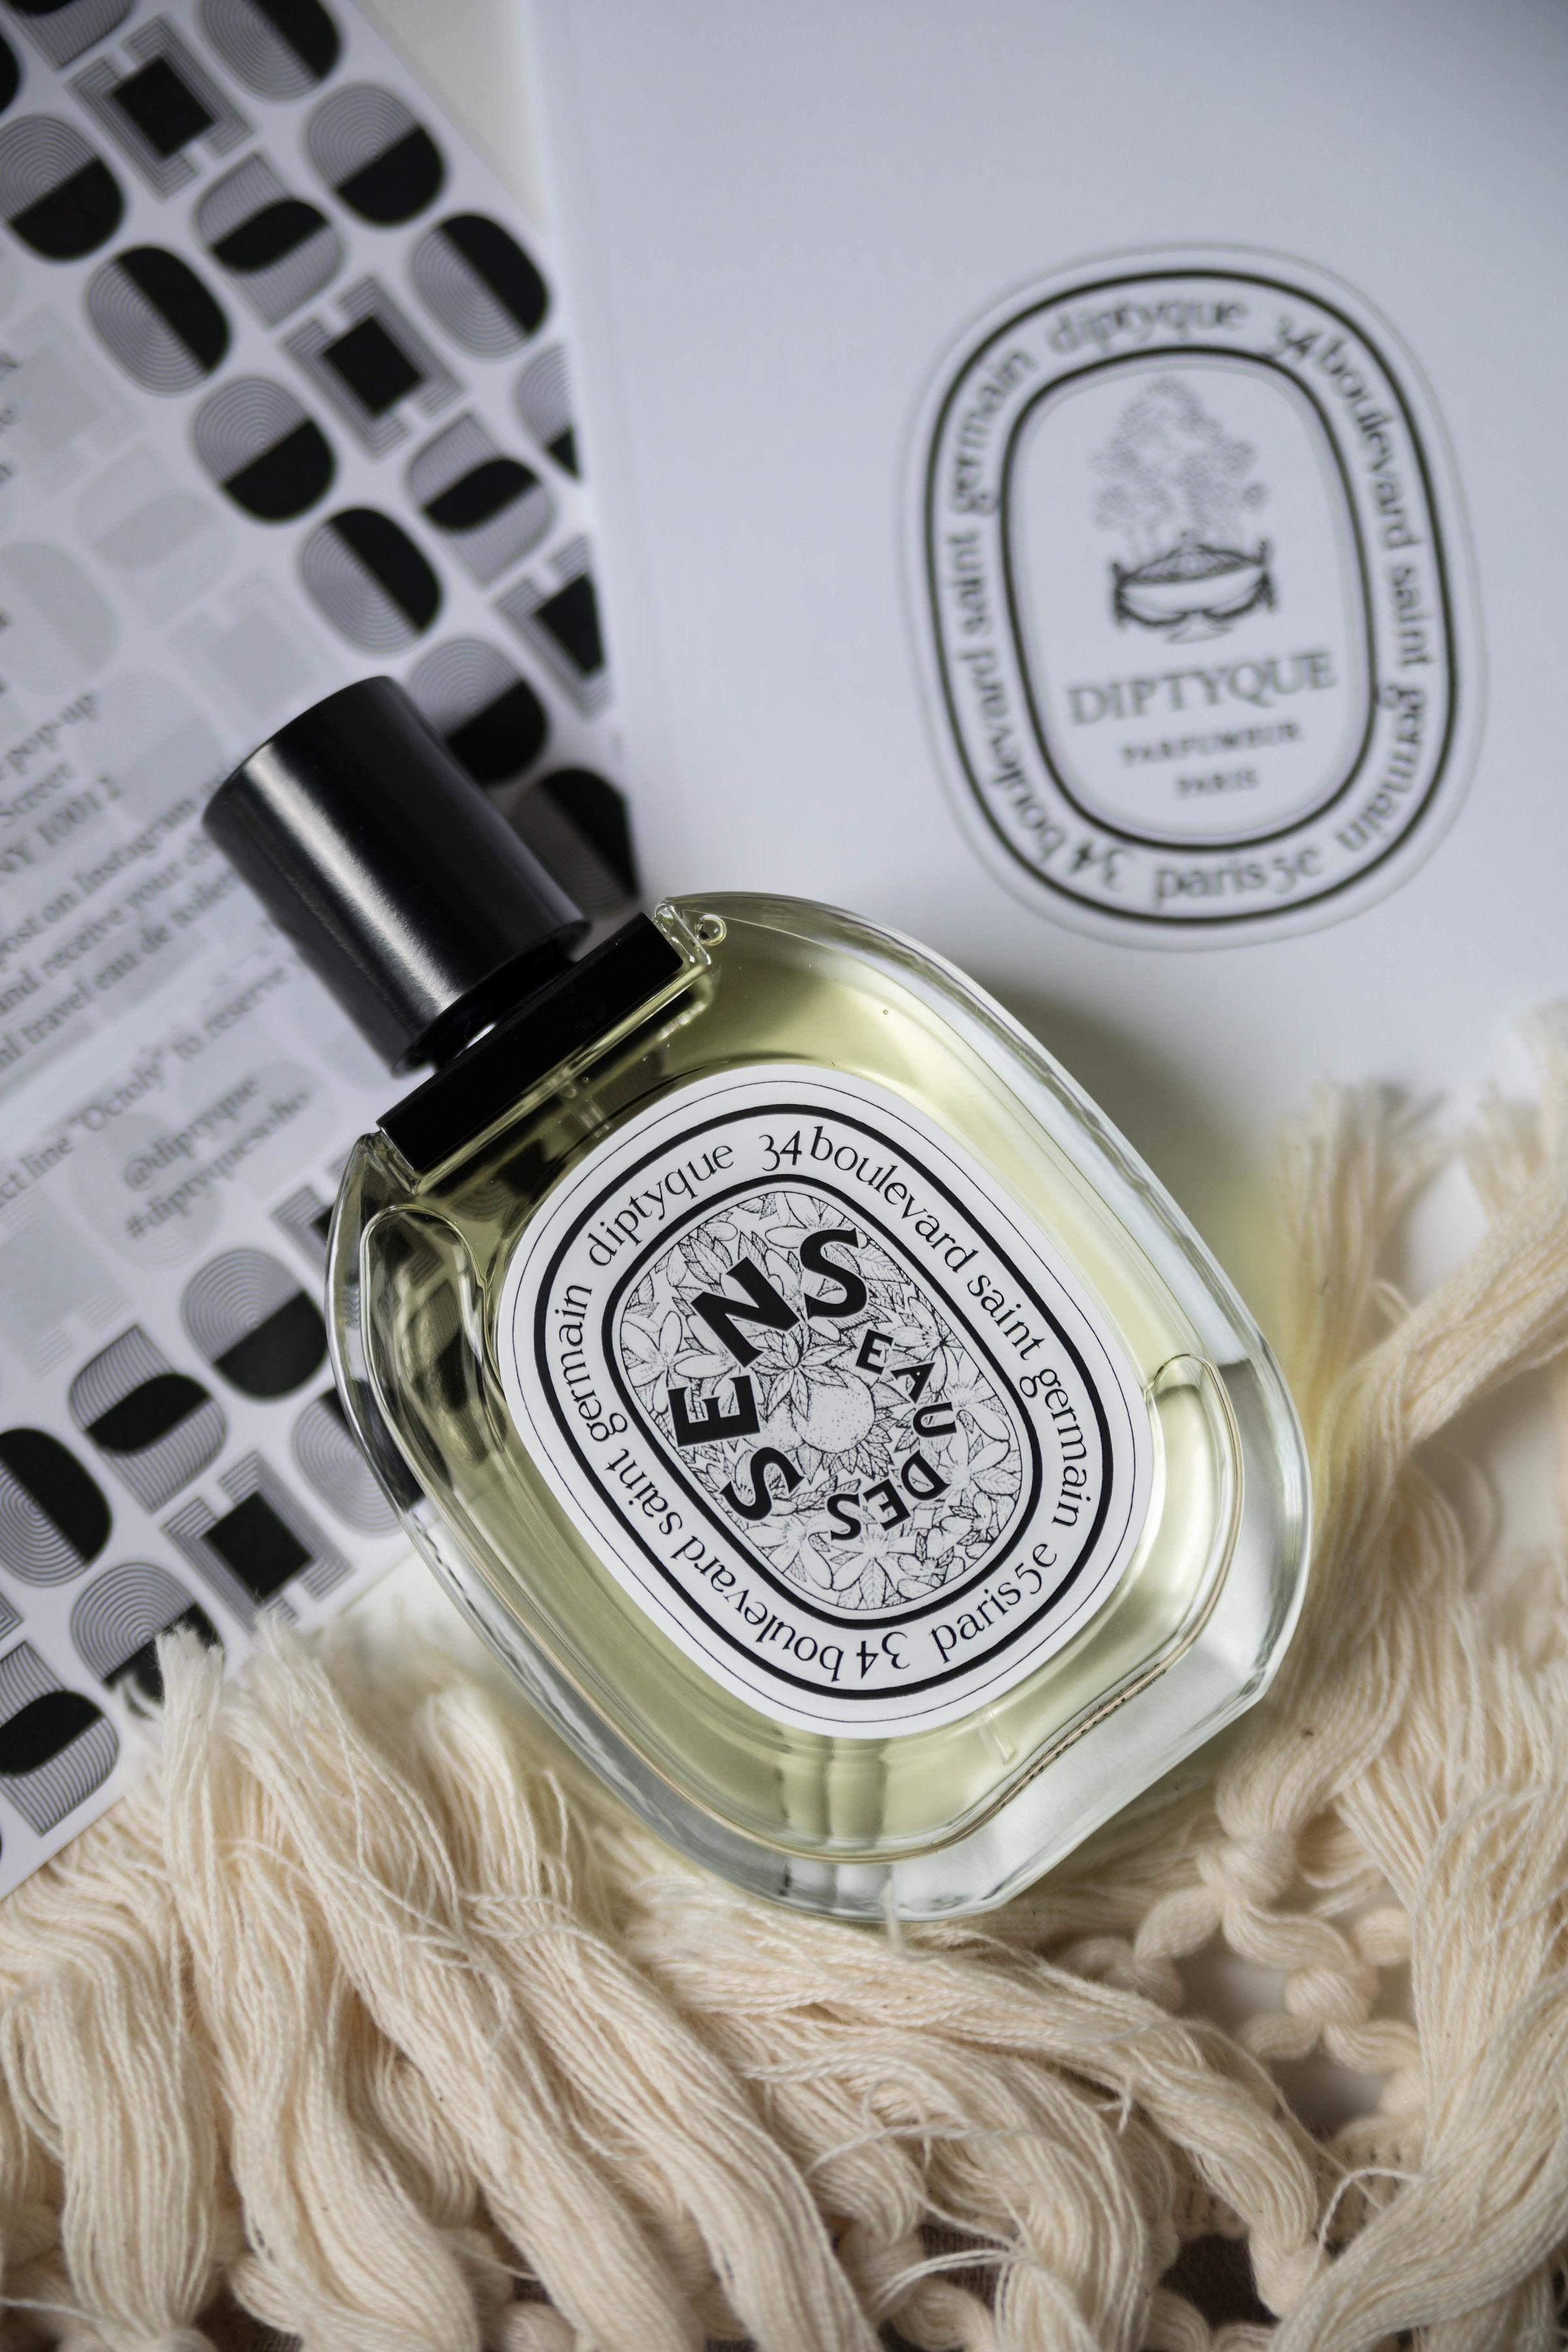 Diptyque Sens Eau Des Perfume